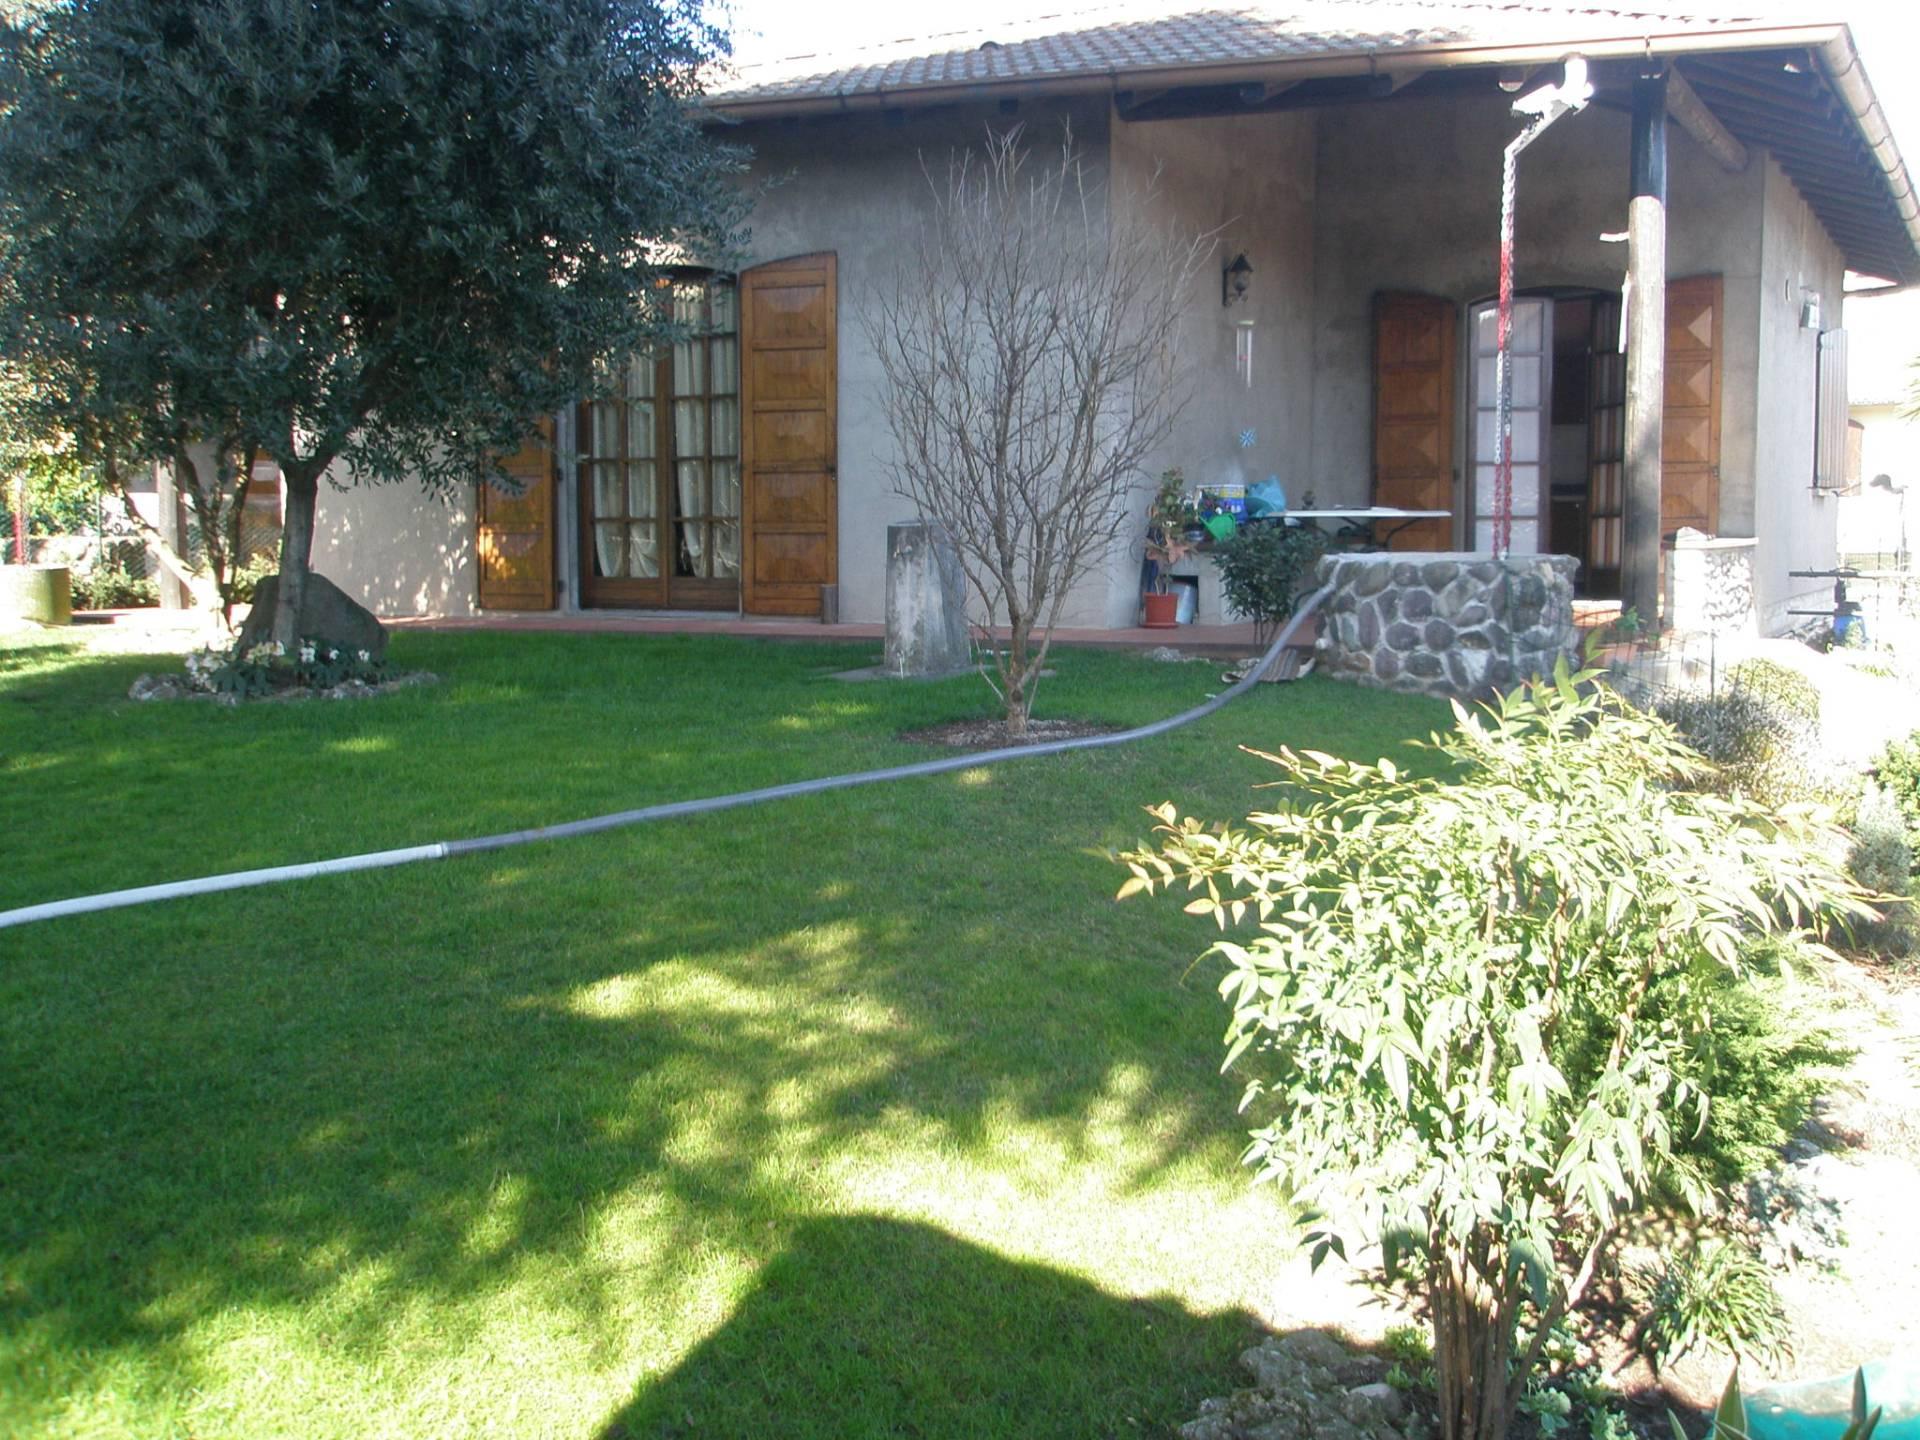 Villa Bifamiliare in vendita a Brusaporto, 4 locali, prezzo € 299.000 | PortaleAgenzieImmobiliari.it